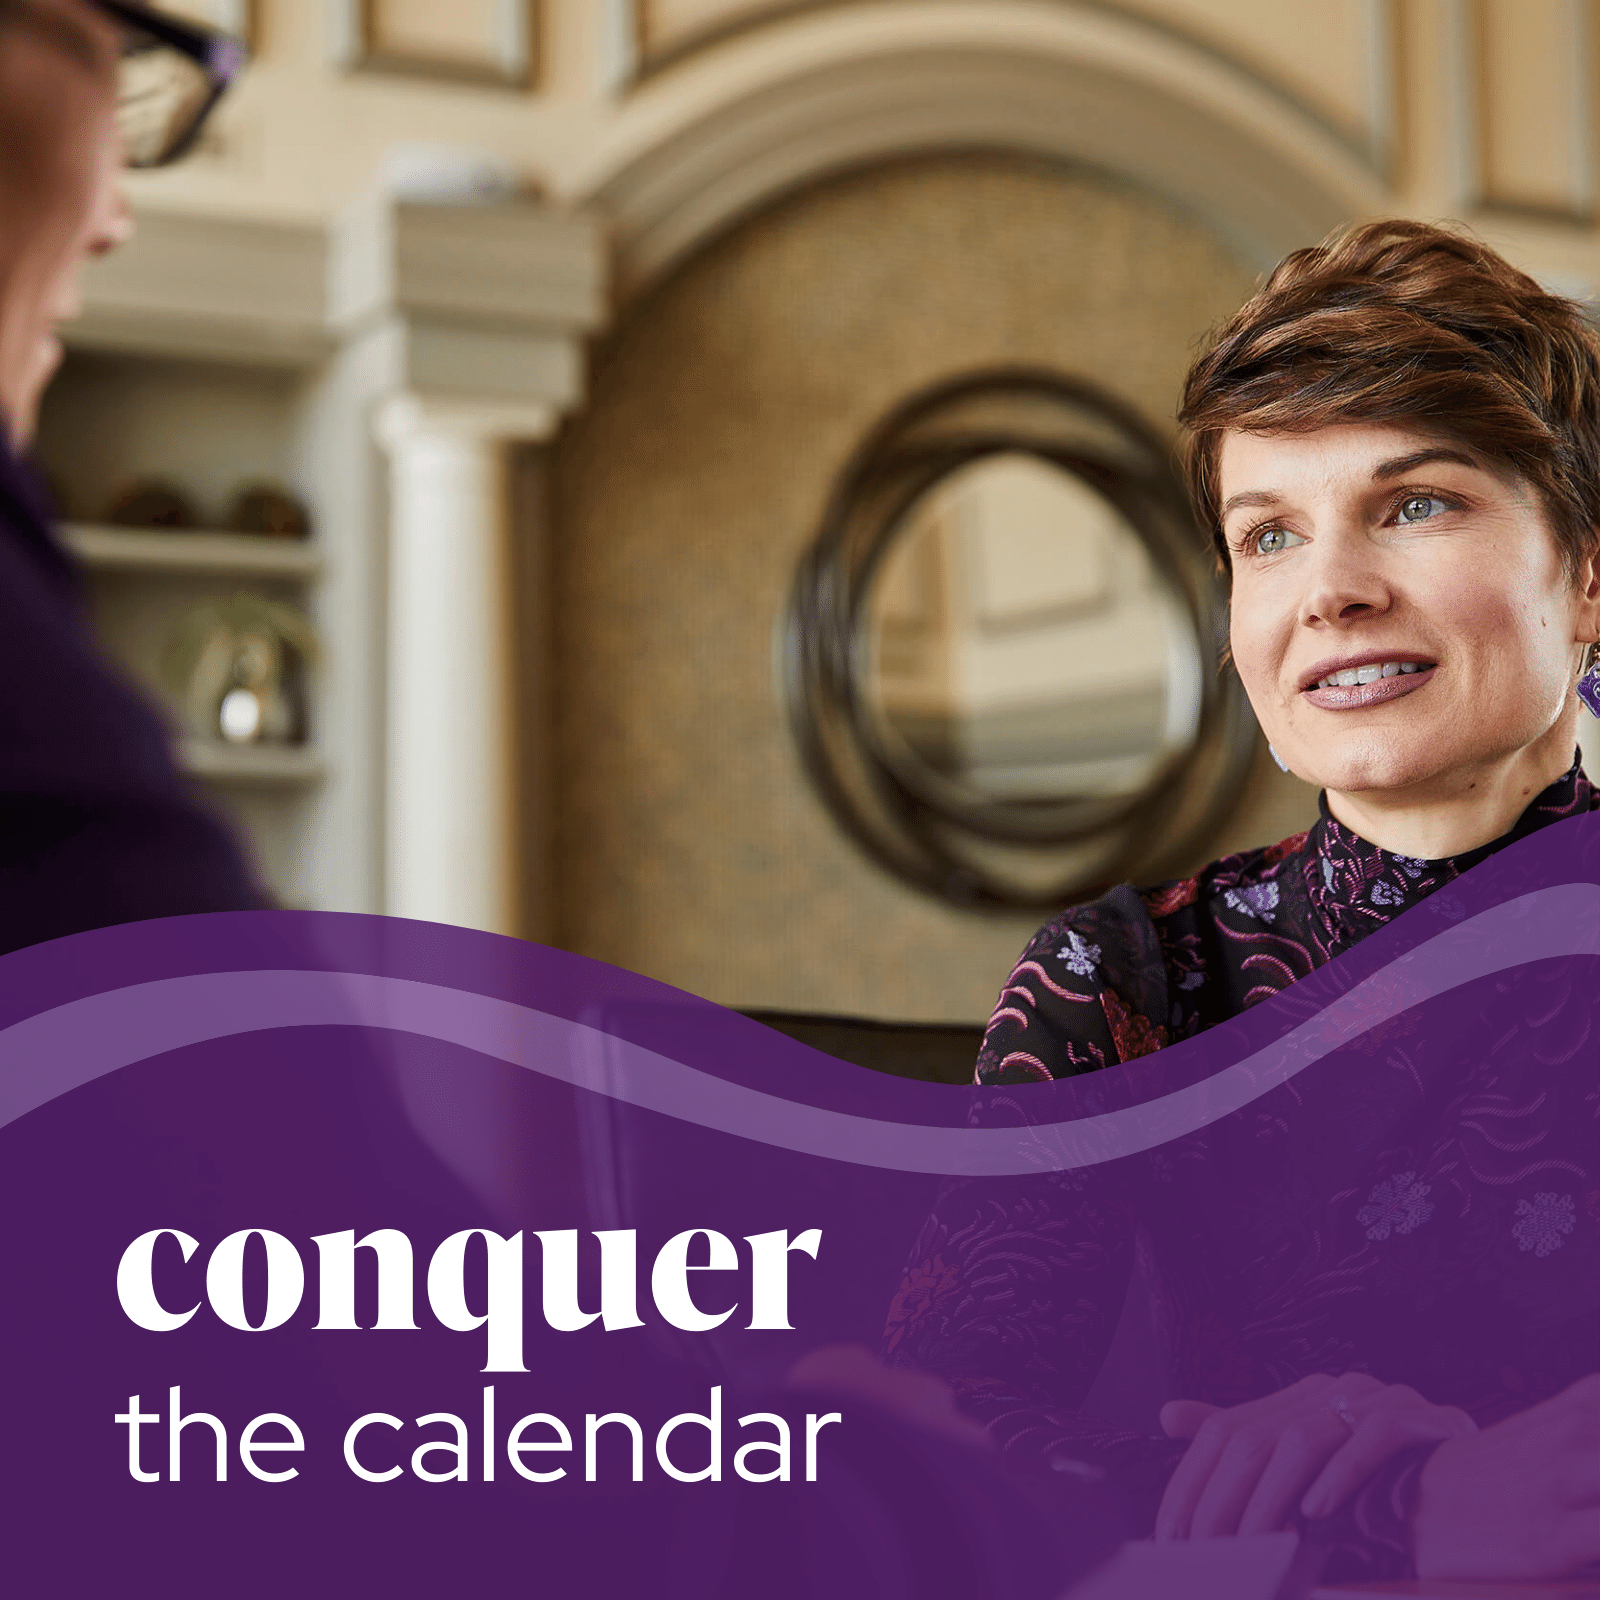 conquer the calendar